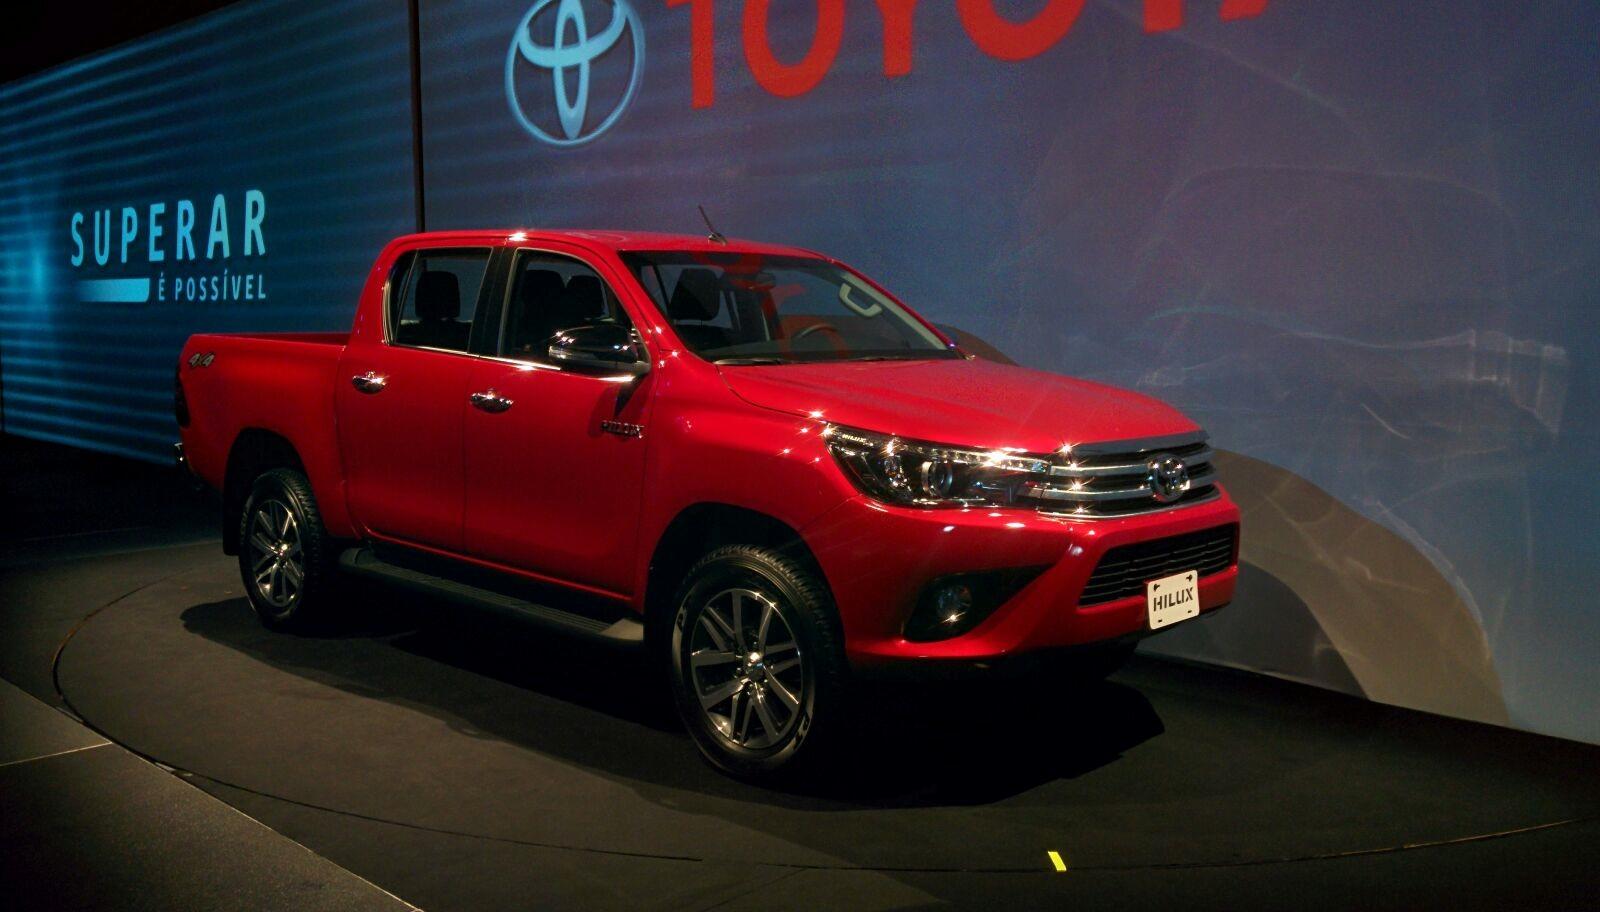 Nova Toyota Hilux 2016 Parte De R 118 690 Confira Fotos